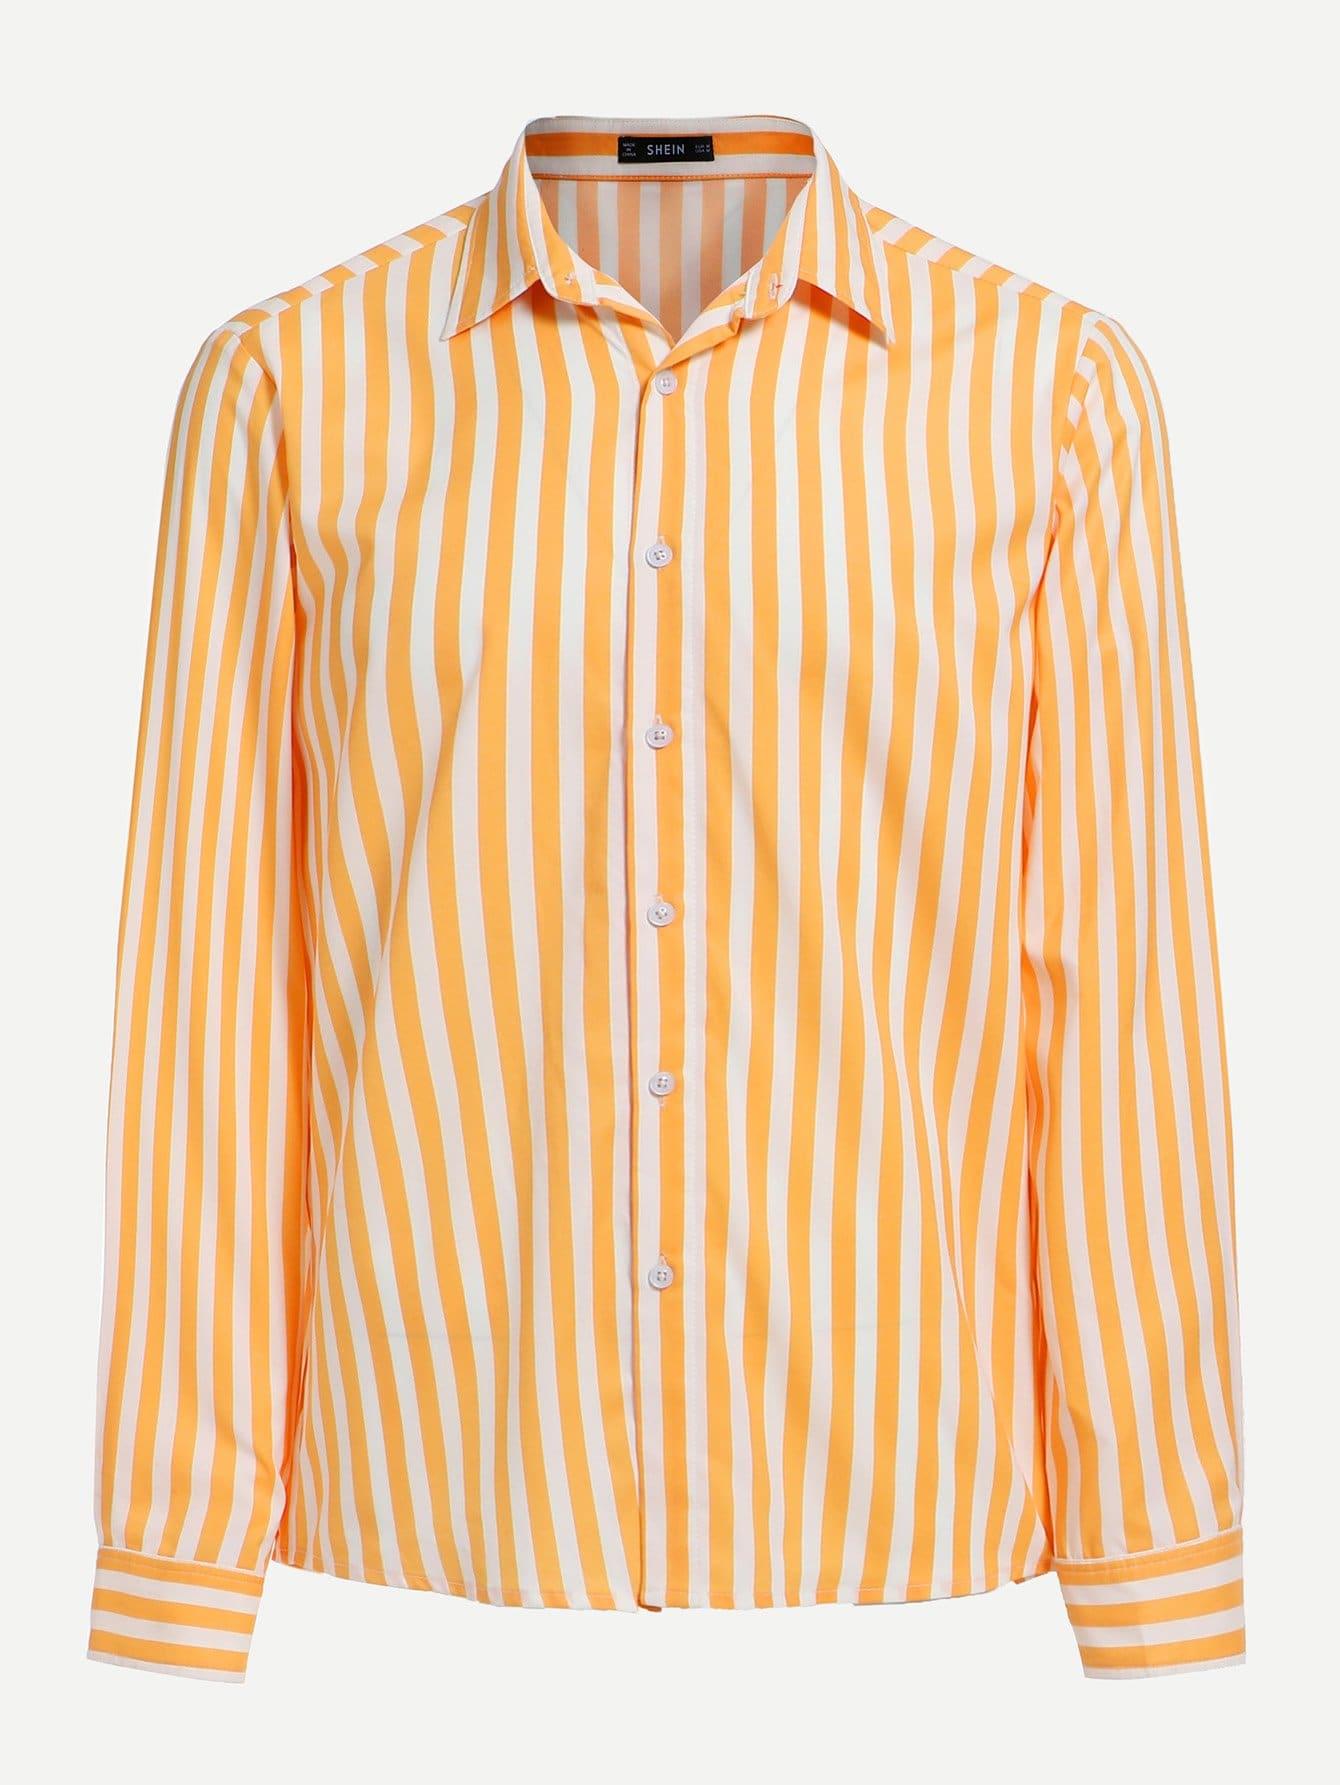 Купить Мужская полосатая футболка с украшением пуговицы, null, SheIn